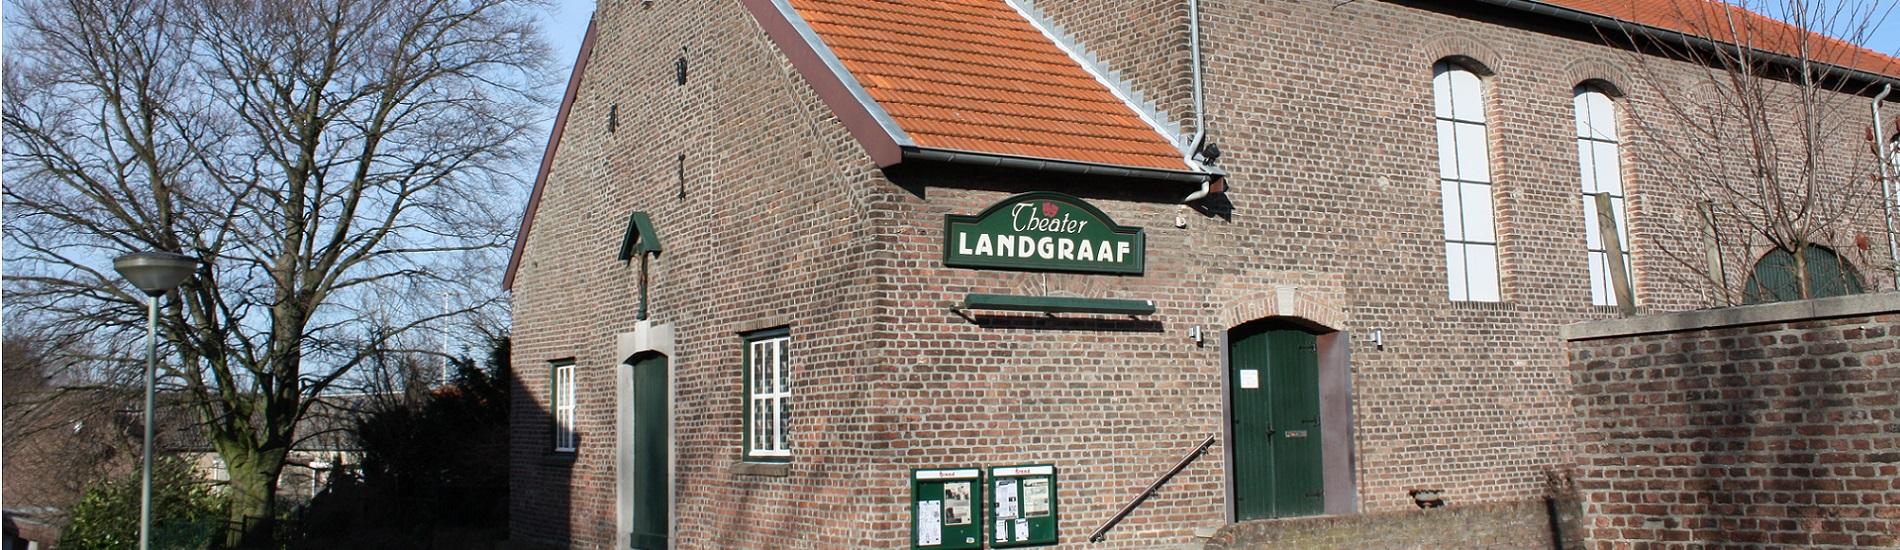 Landgraaf